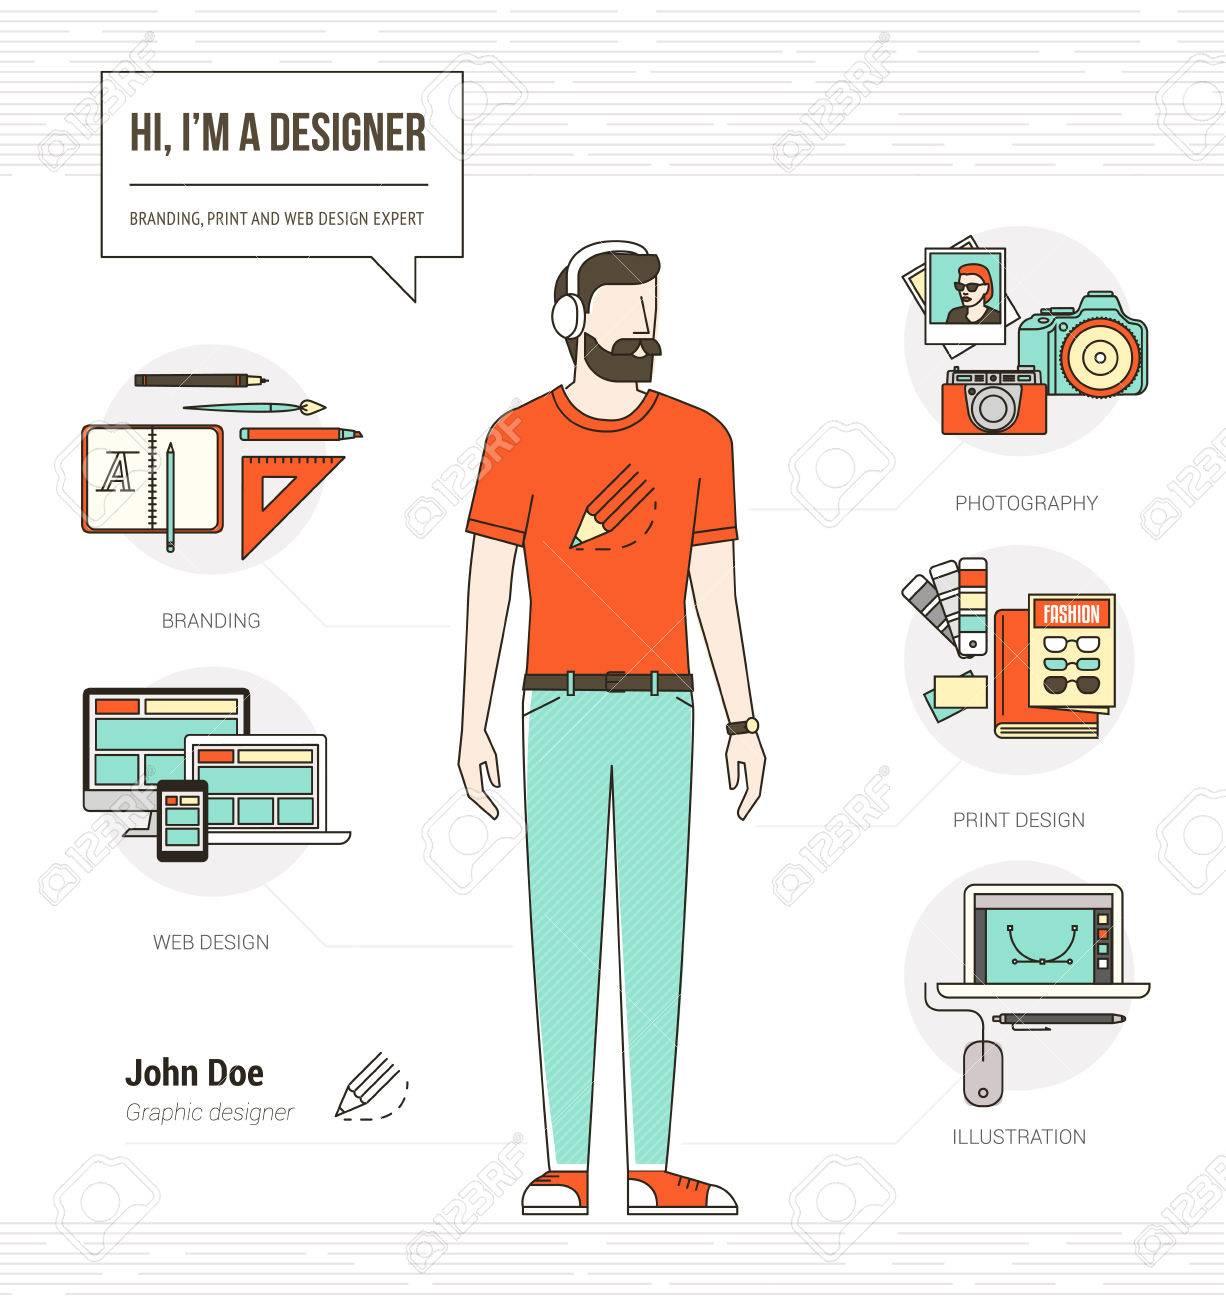 Diseñador Gráfico, Fotógrafo Y Infográficas Ilustrador Habilidades ...